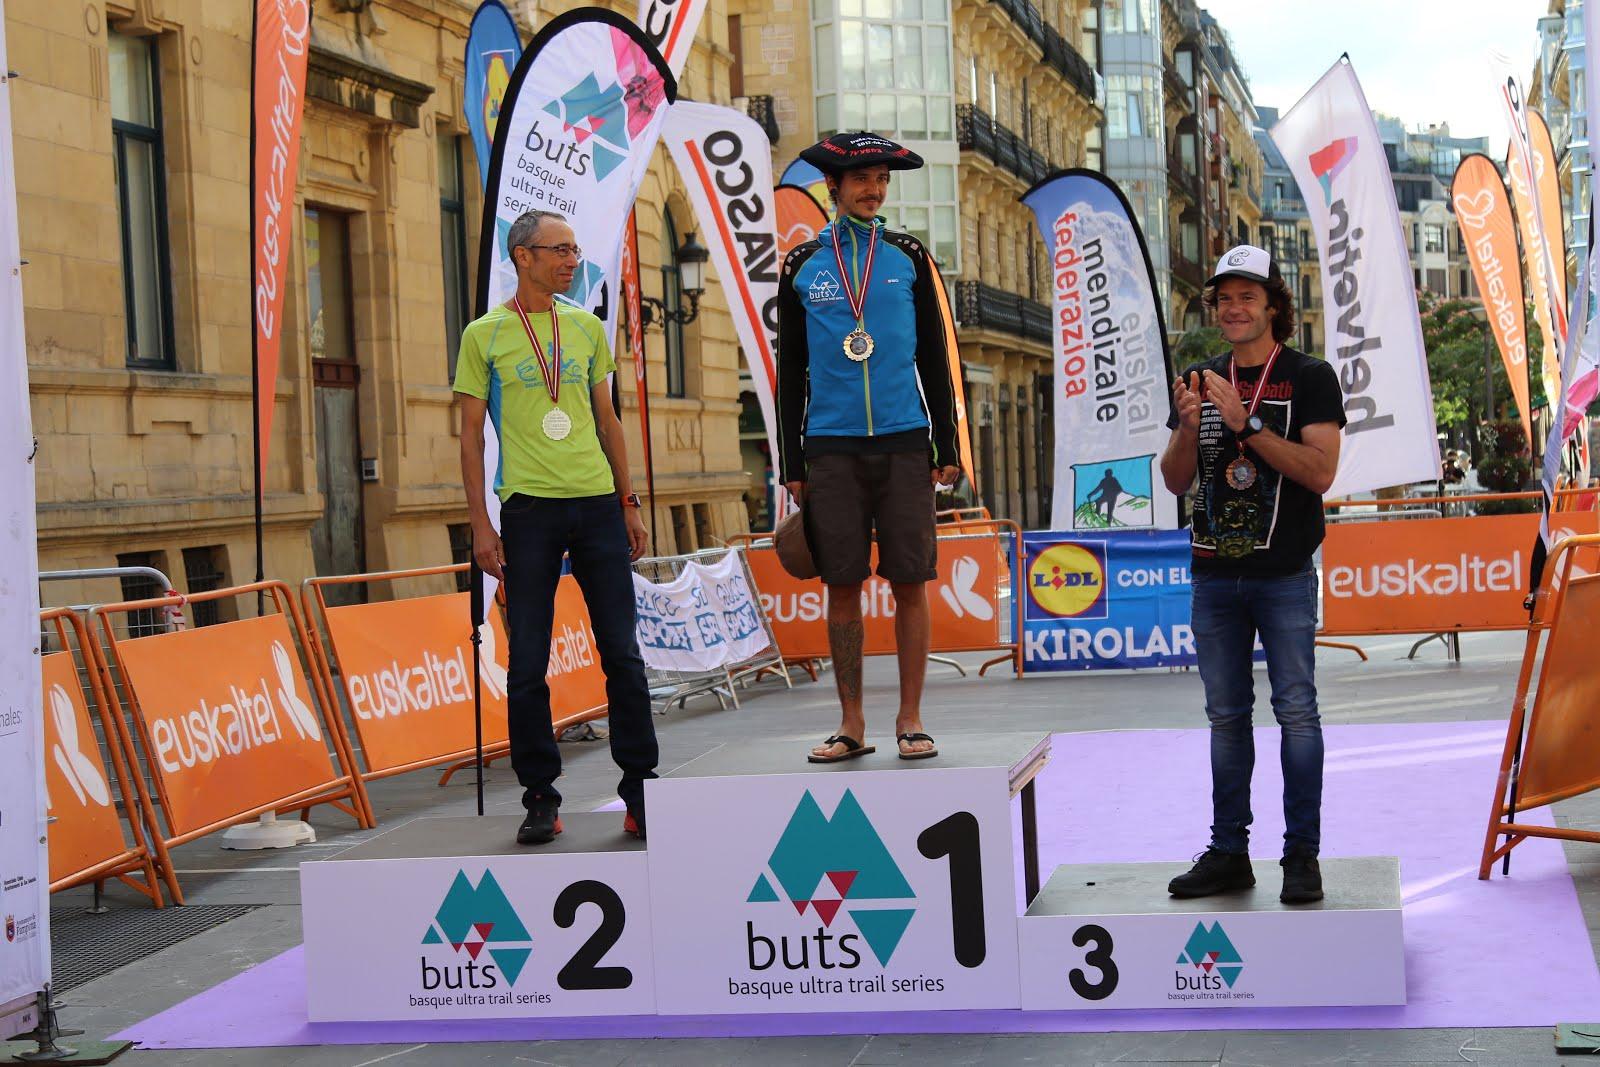 BUTS Iruñea - Donostia: 122 km / 7200 mD+